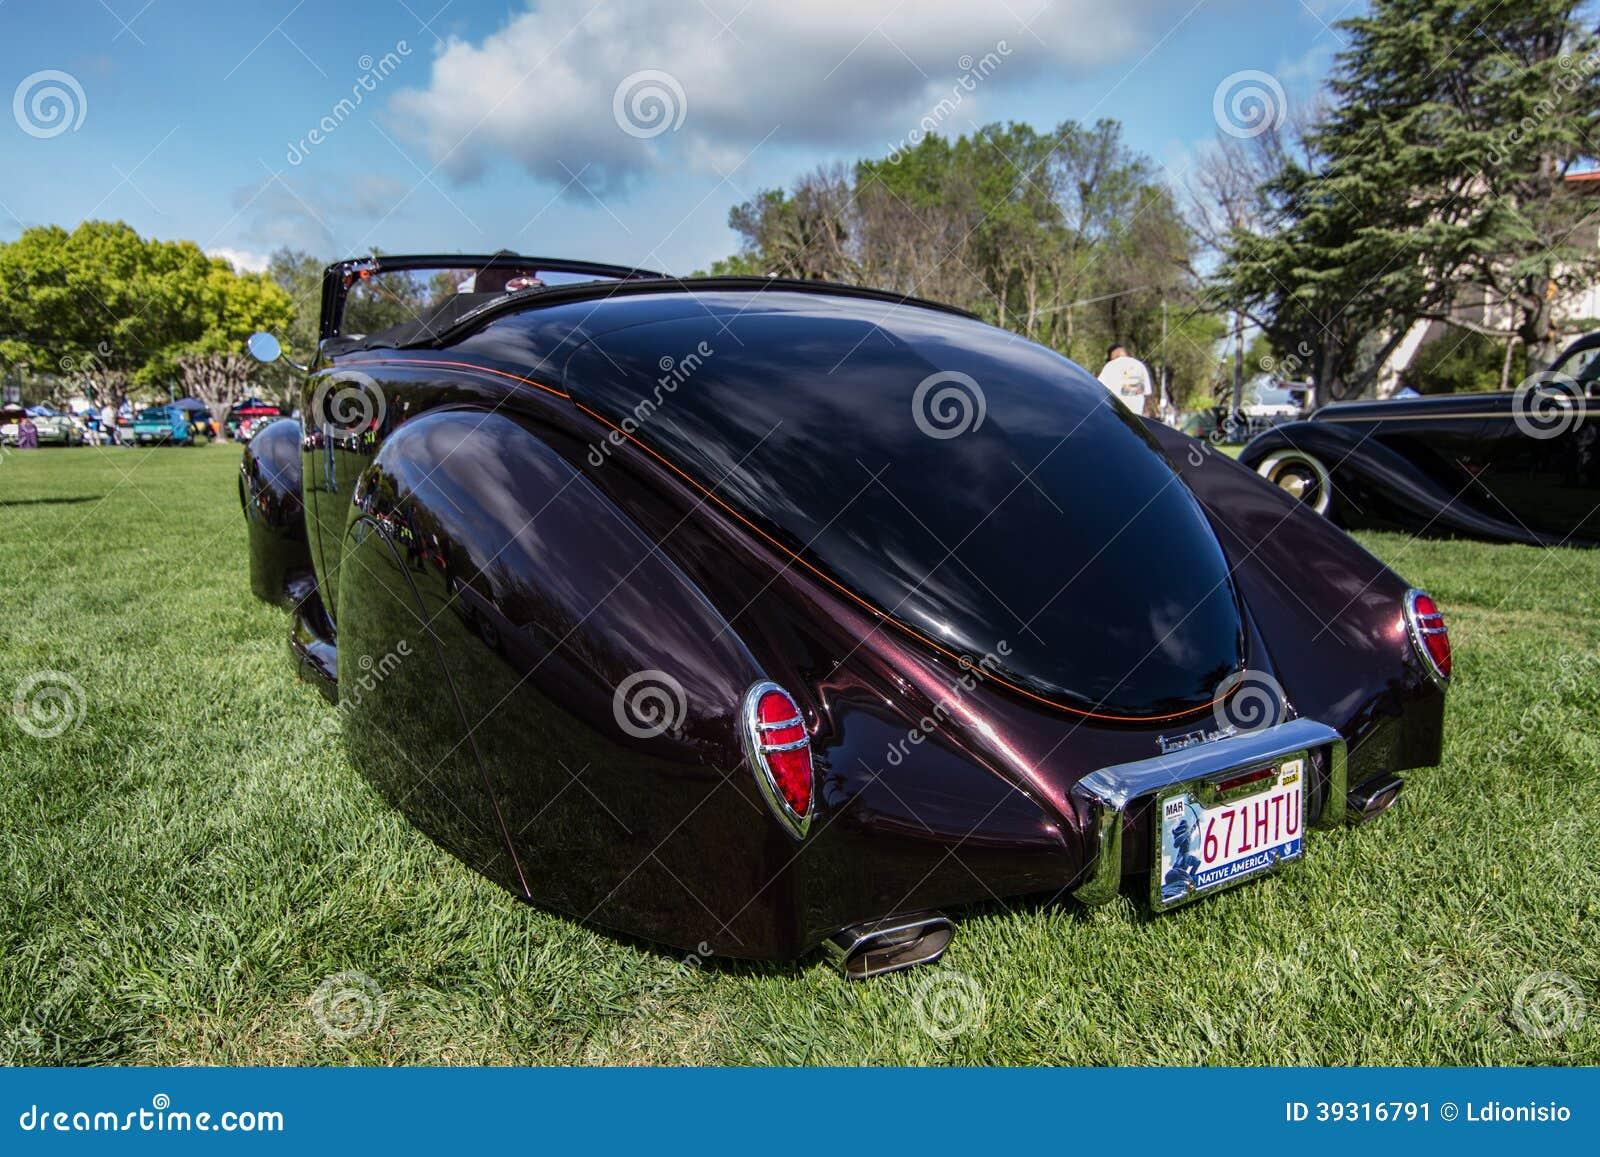 Goodguys Car Show Pleasanton ca 2014